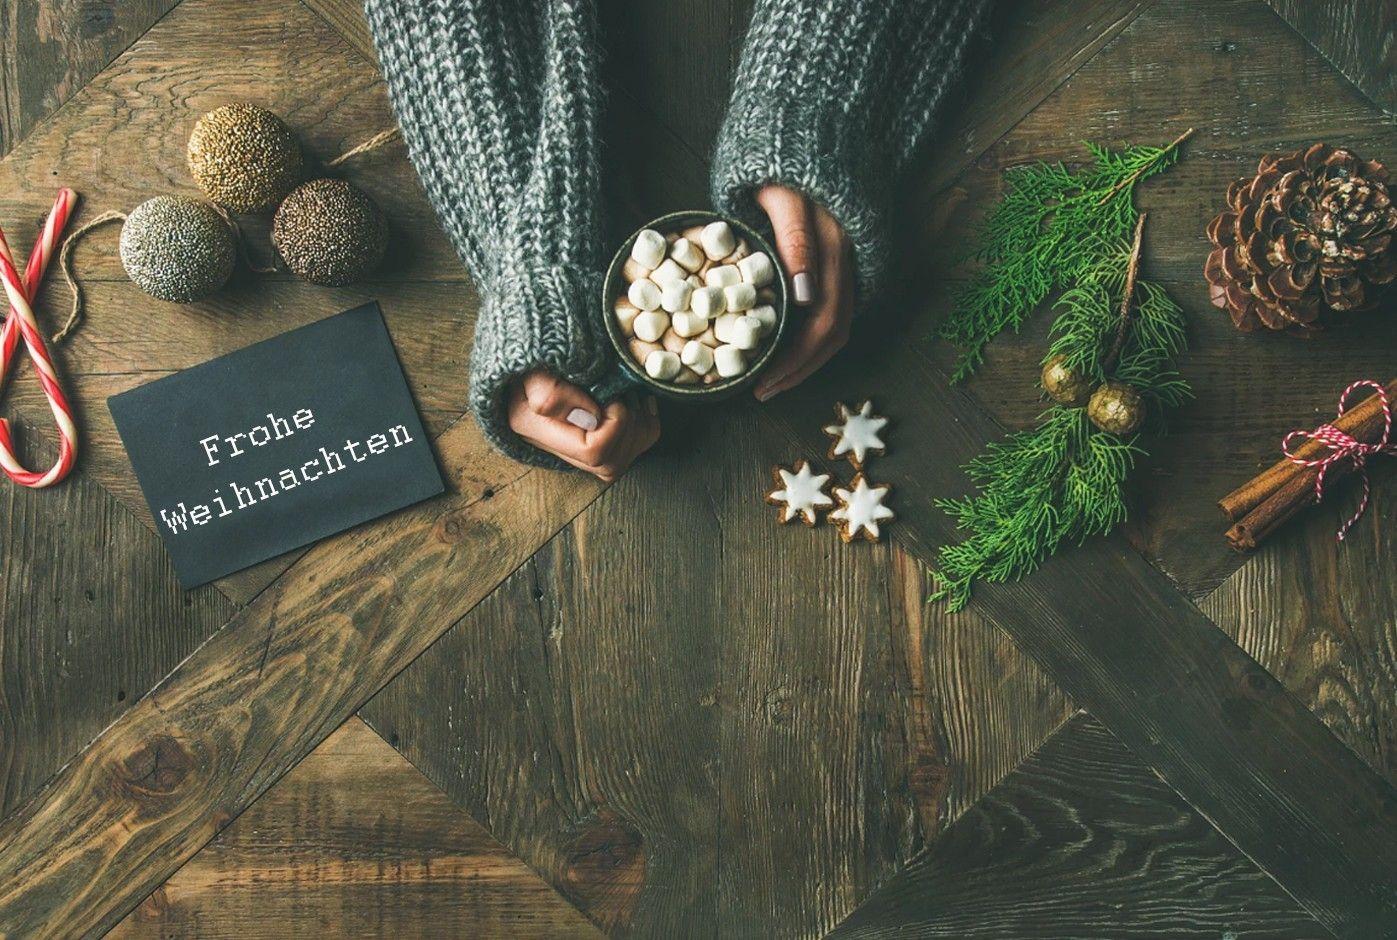 24 Weihnachtswünsche, die Sie als lieben Grüß verschicken können ...